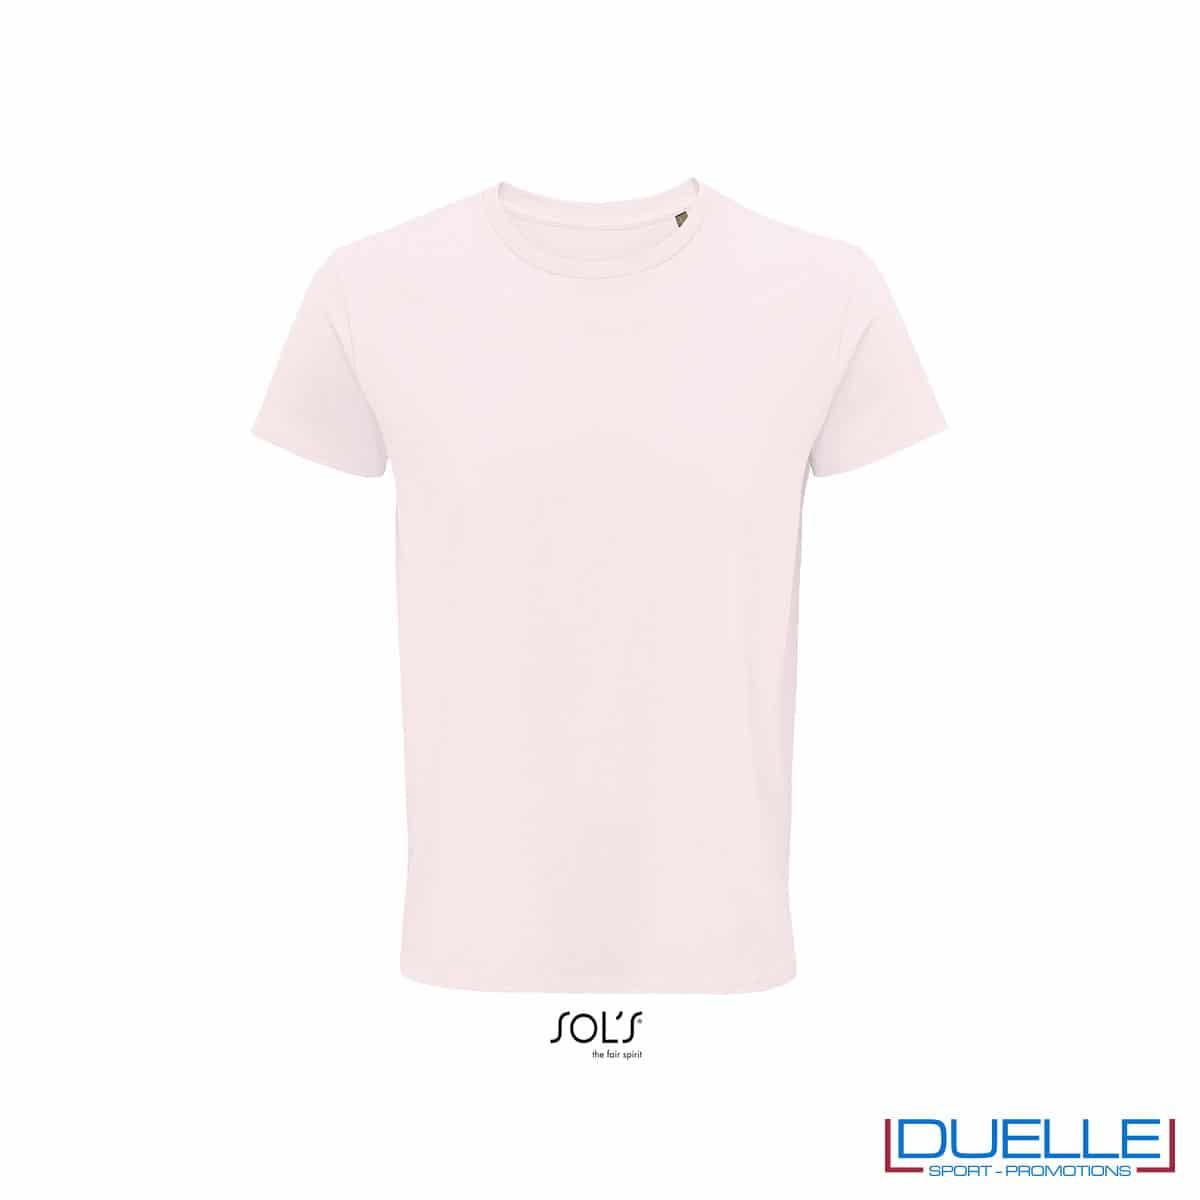 Maglietta ecosostenibile cotone biologico personalizzata colore rosa pallido